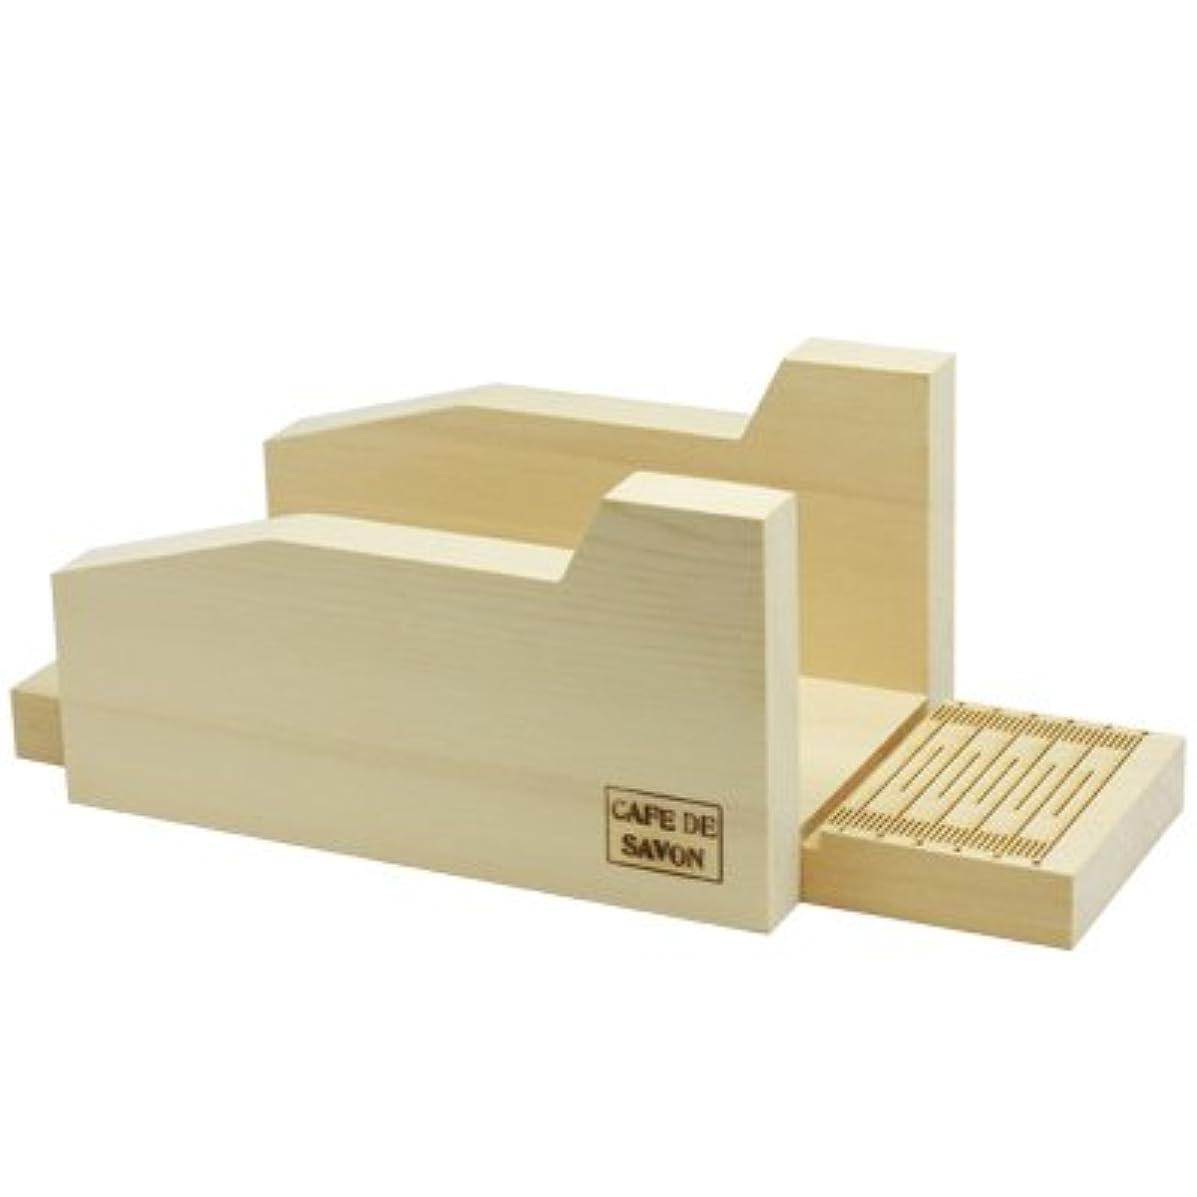 ビール黒板借りているオリジナル 木製ソープカッター台